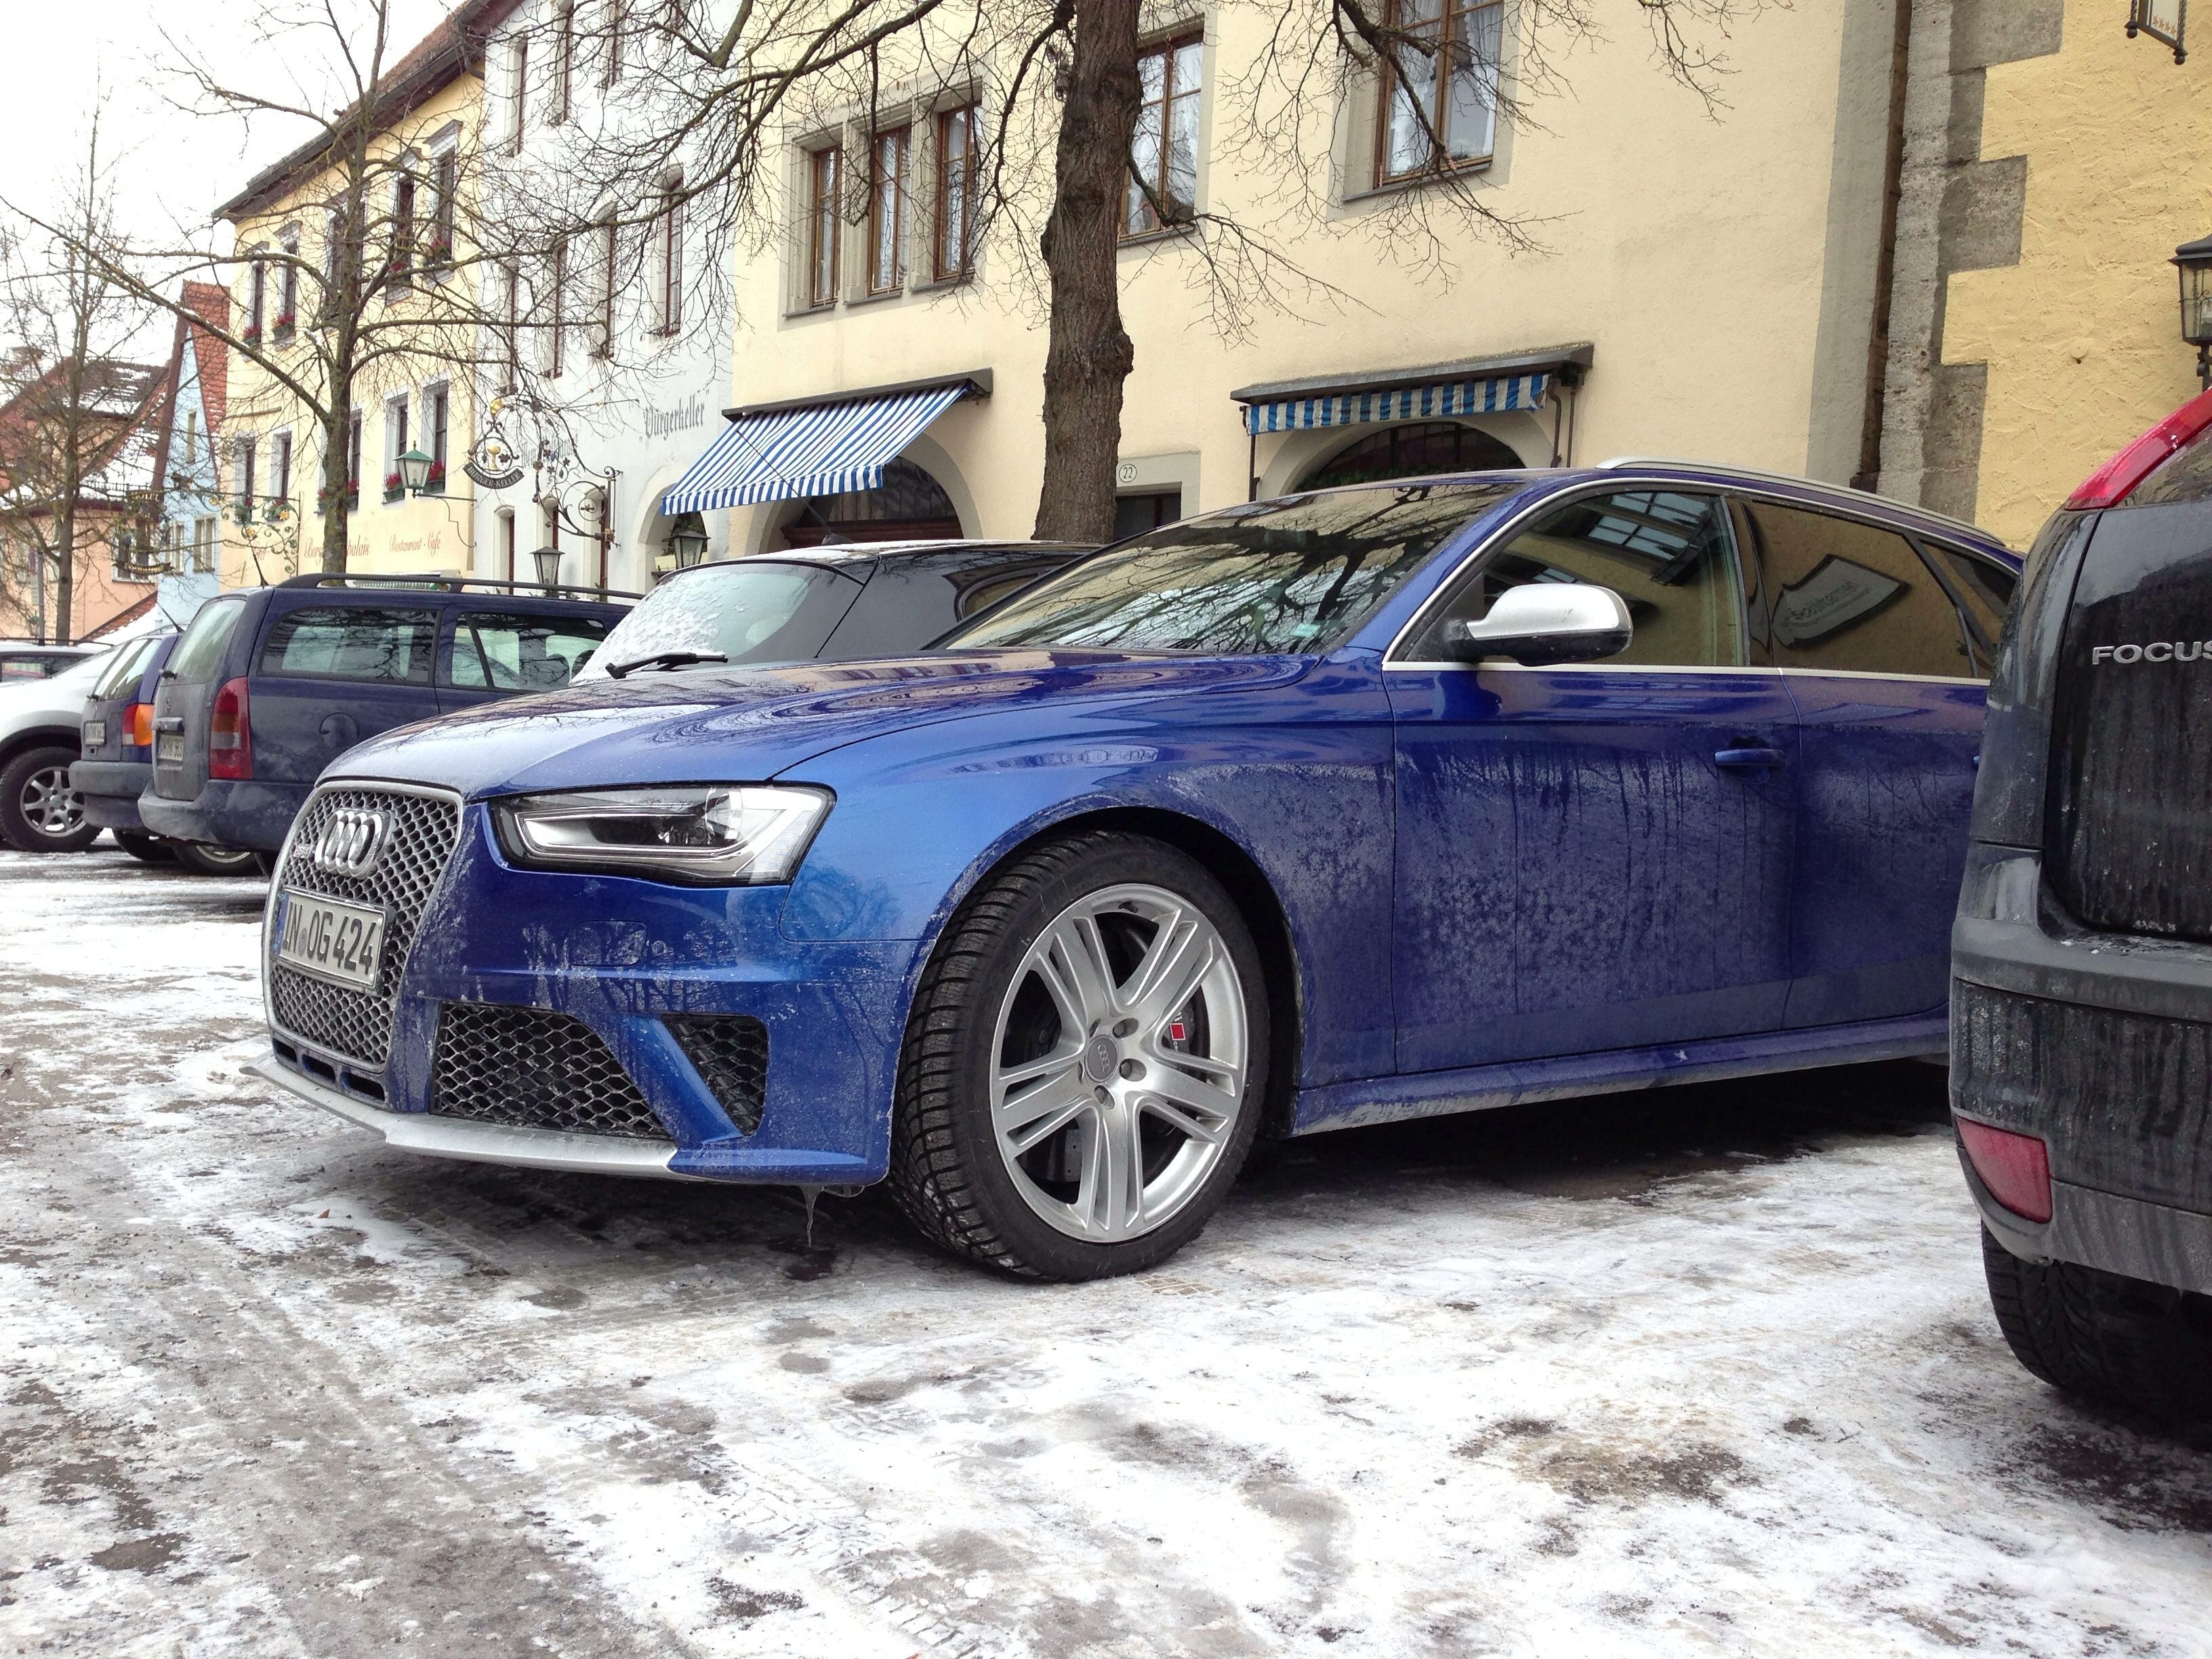 輸入車好きにはたまらない!ドイツで見かけたエキサイティングな車たち